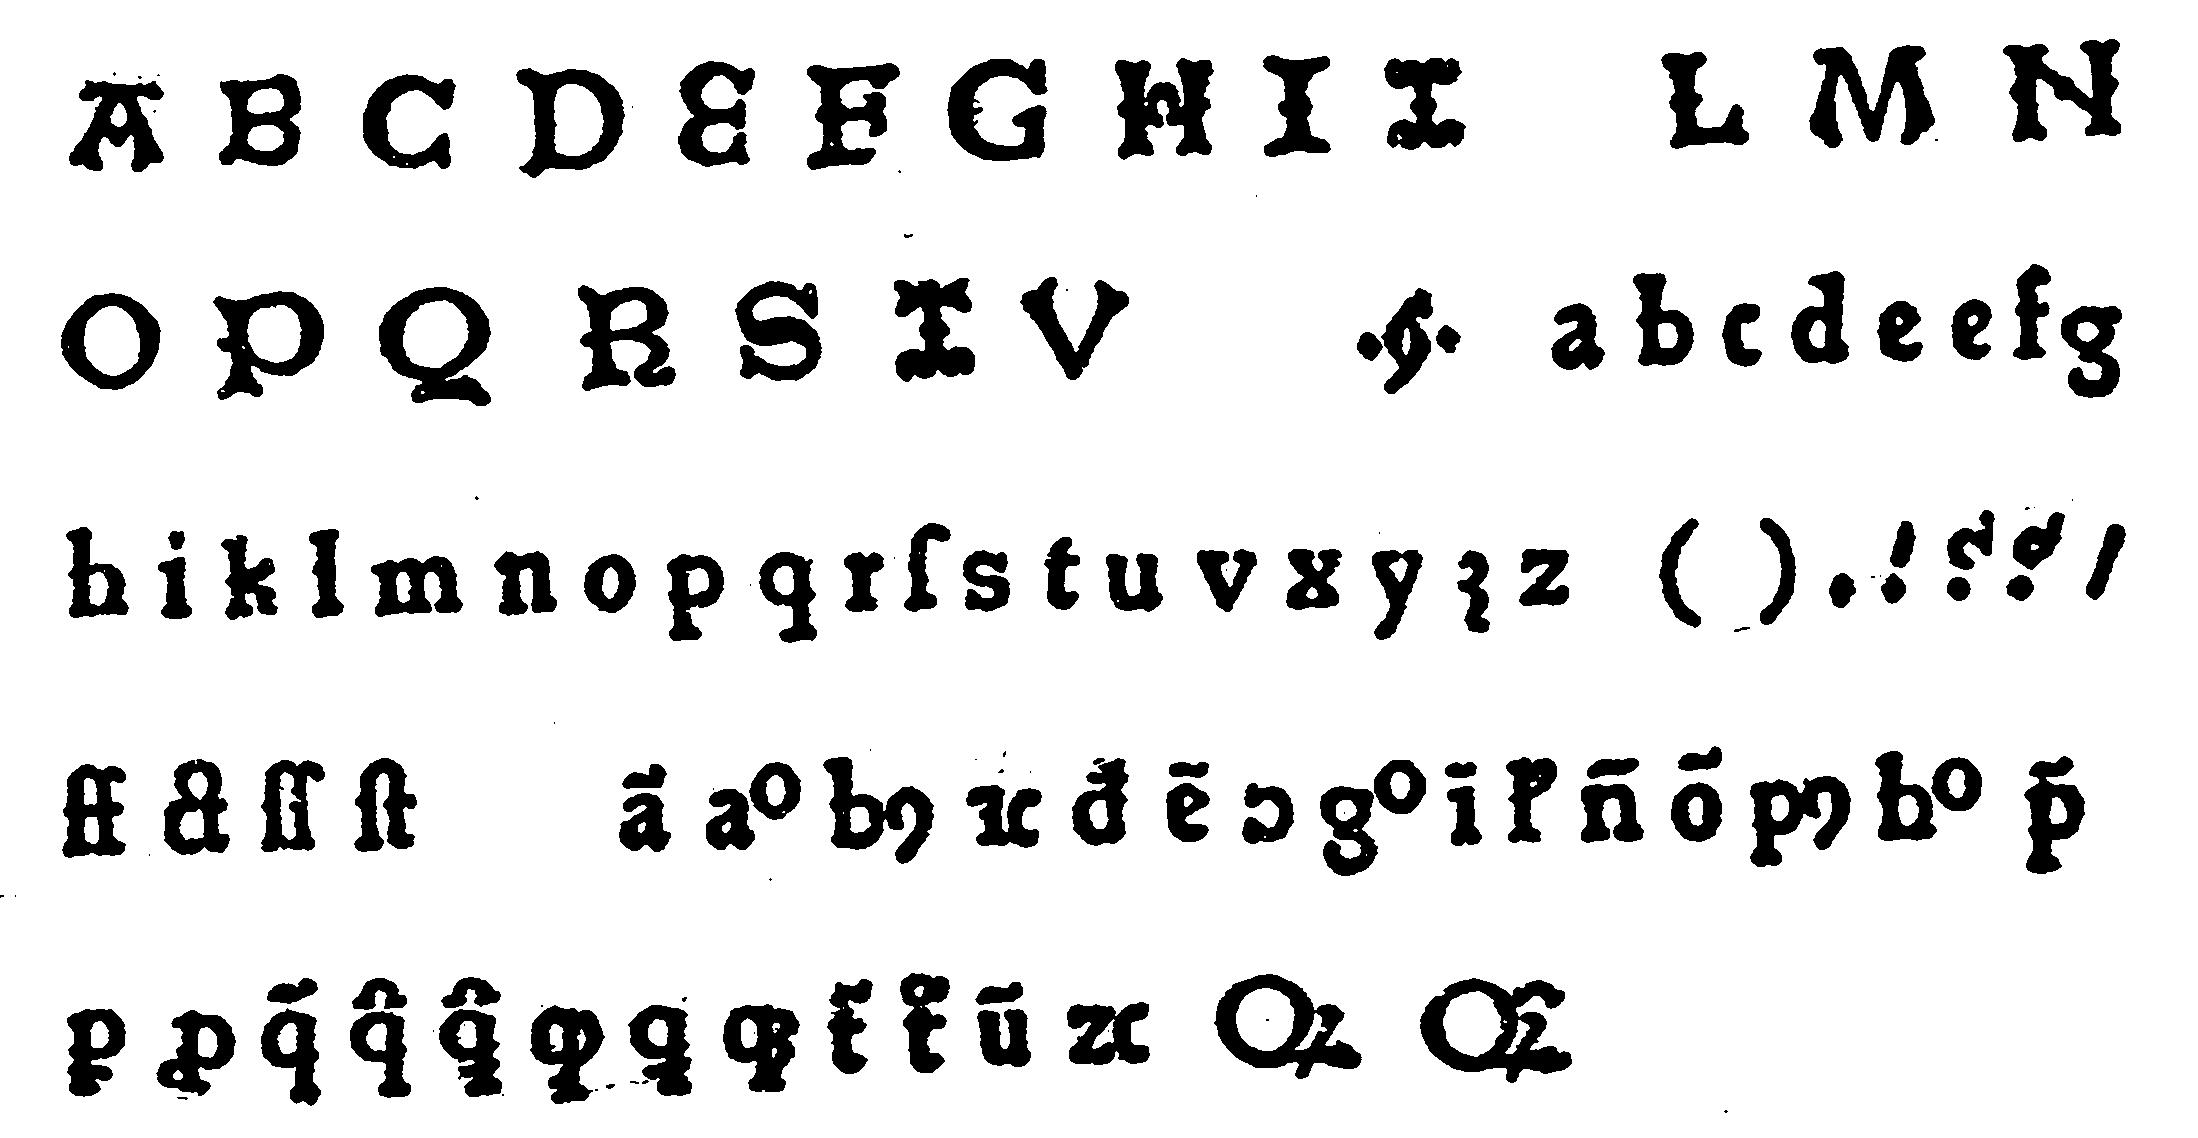 GfT0157.1b